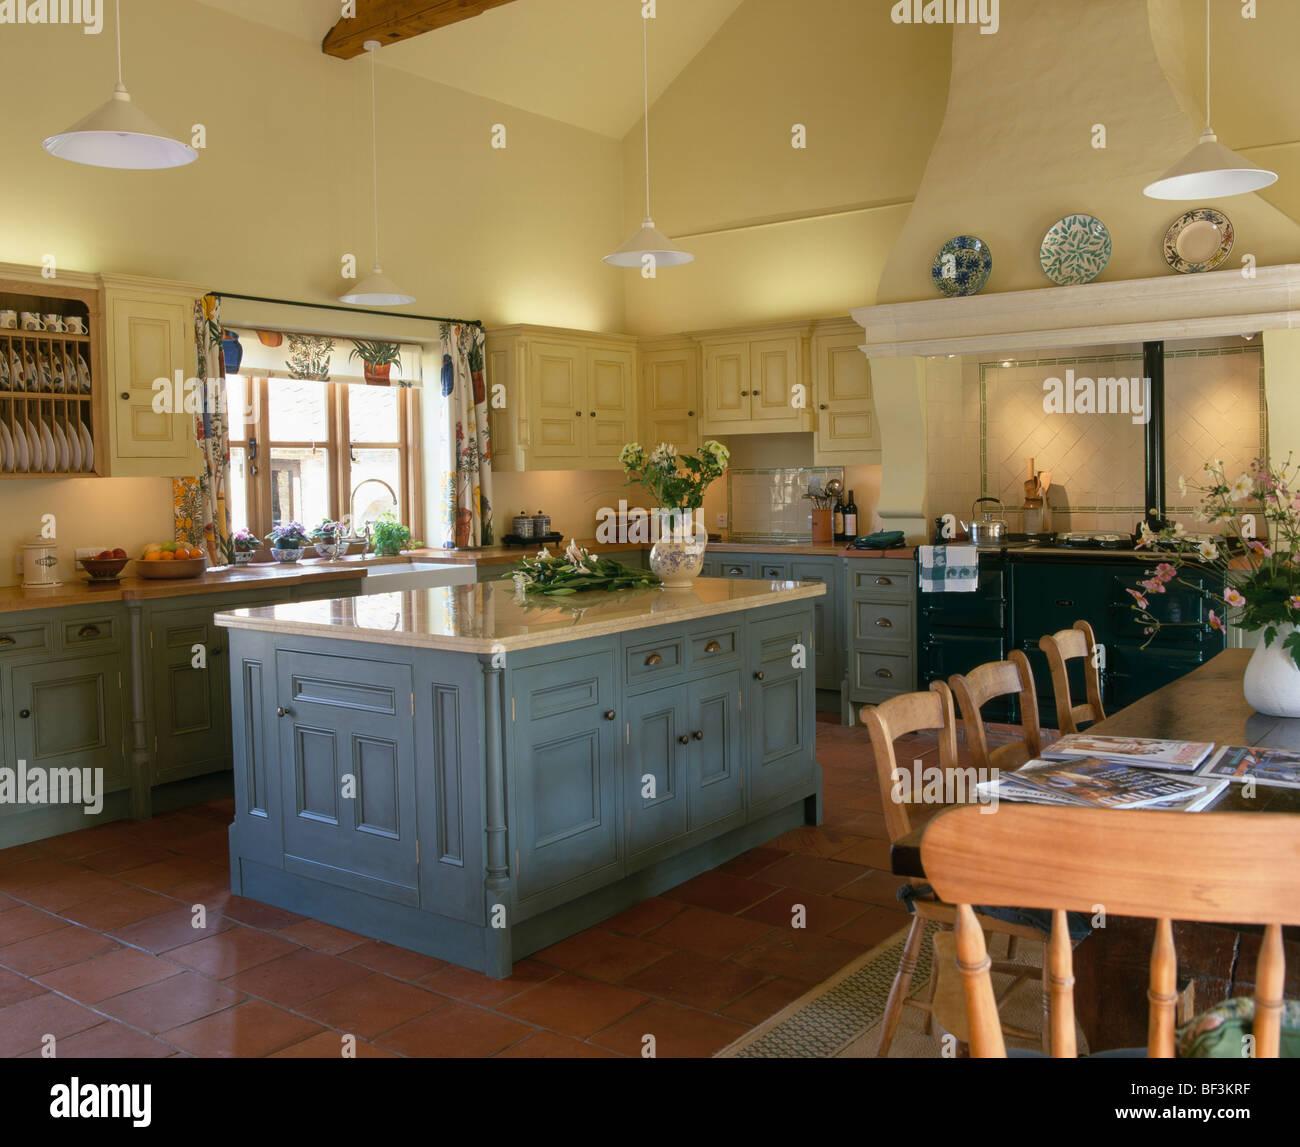 Unidade Ilha Azul Cinza No Pa S Amarela Tradicional Cozinha Com Mesa